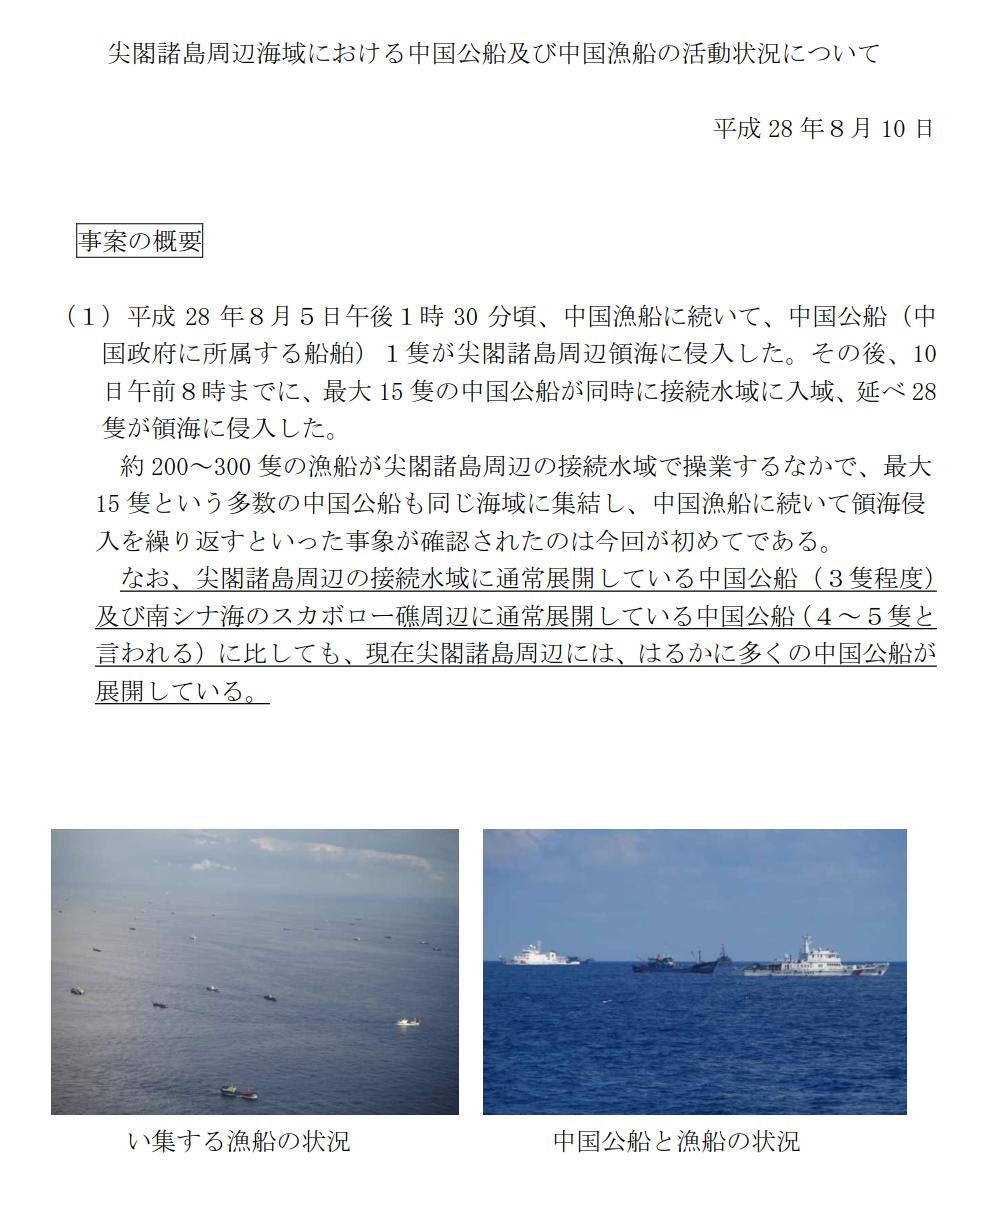 160810 尖閣諸島周辺海域における中国公船及び中国漁船の活動状況について_1